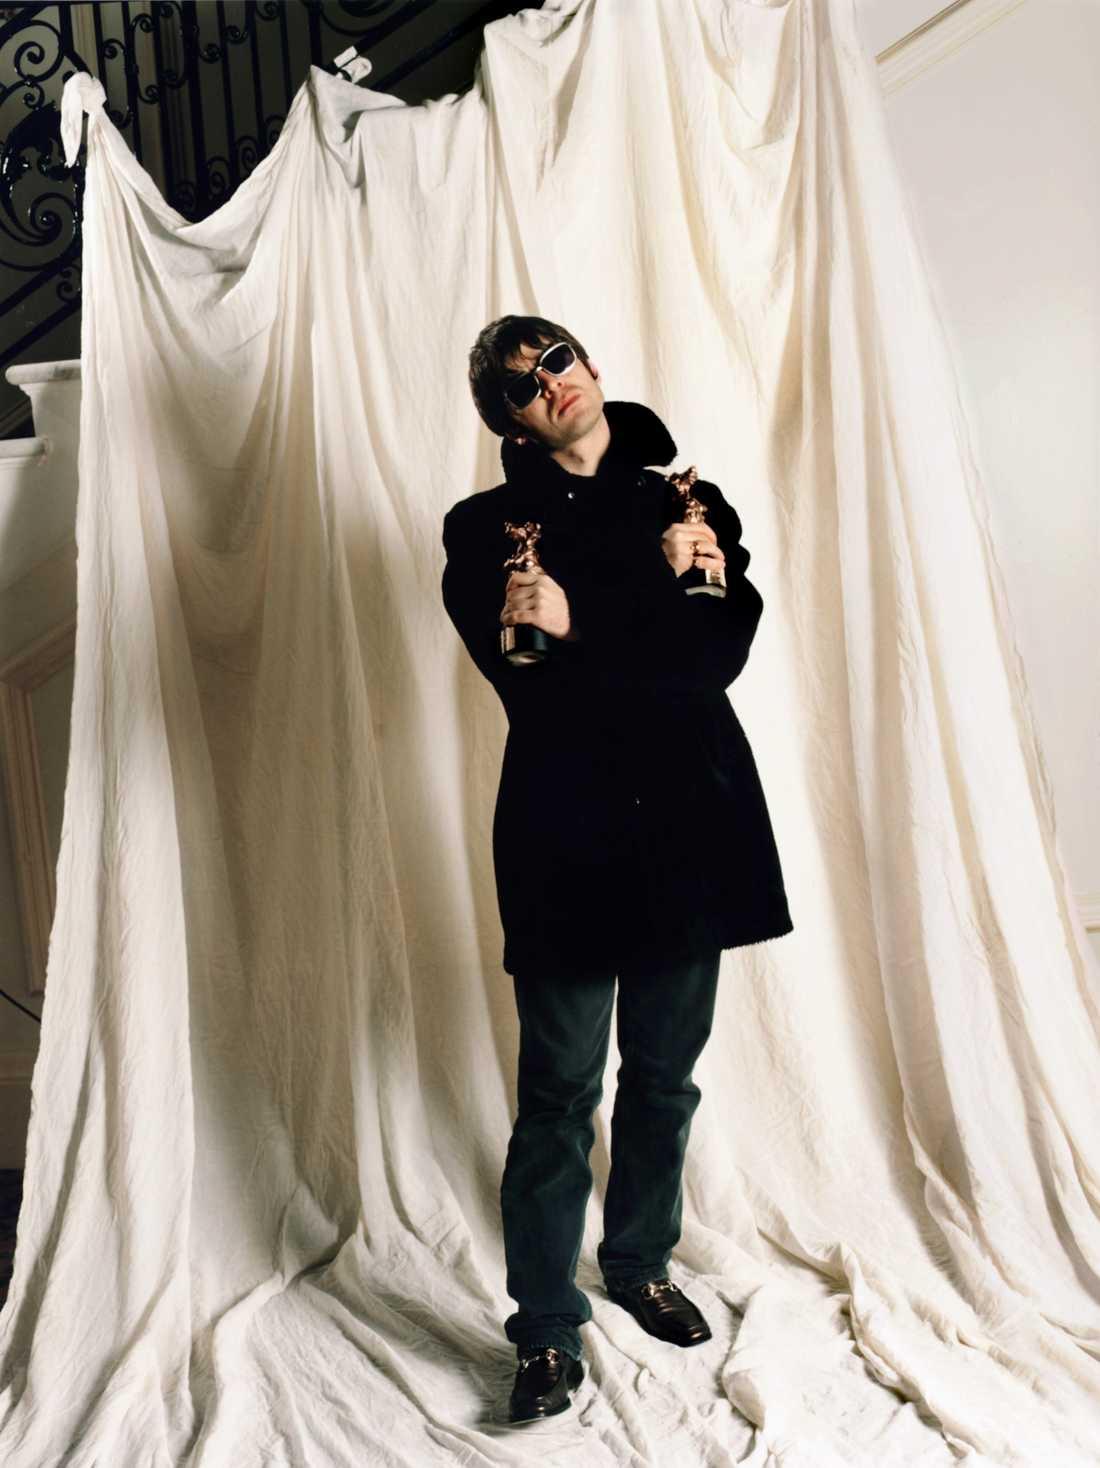 Stöddigt Oasis Noel Gallagher 1996.